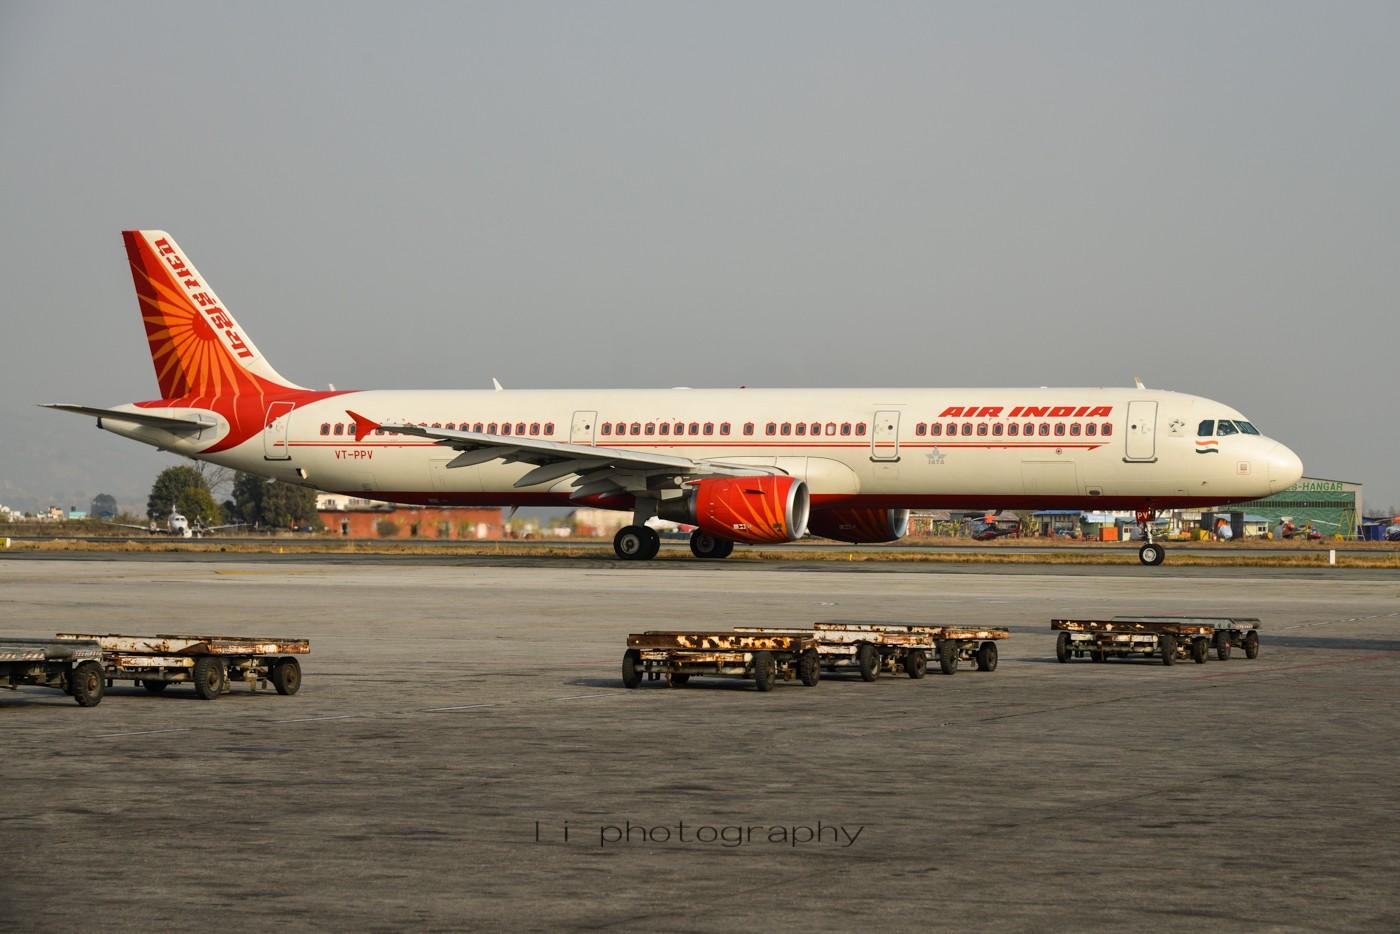 Re:[原创]尼泊尔拍机第一发——加德满都布里特万机场,各种奇货乱入~ AIRBUS A321-200 VT-PPV 尼泊尔加德满都机场